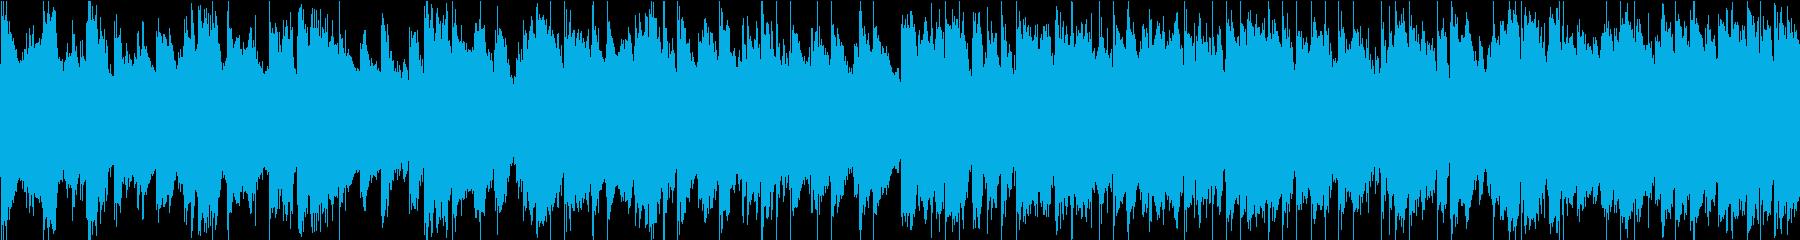 民族的な雰囲気のミステリアスなBGMの再生済みの波形